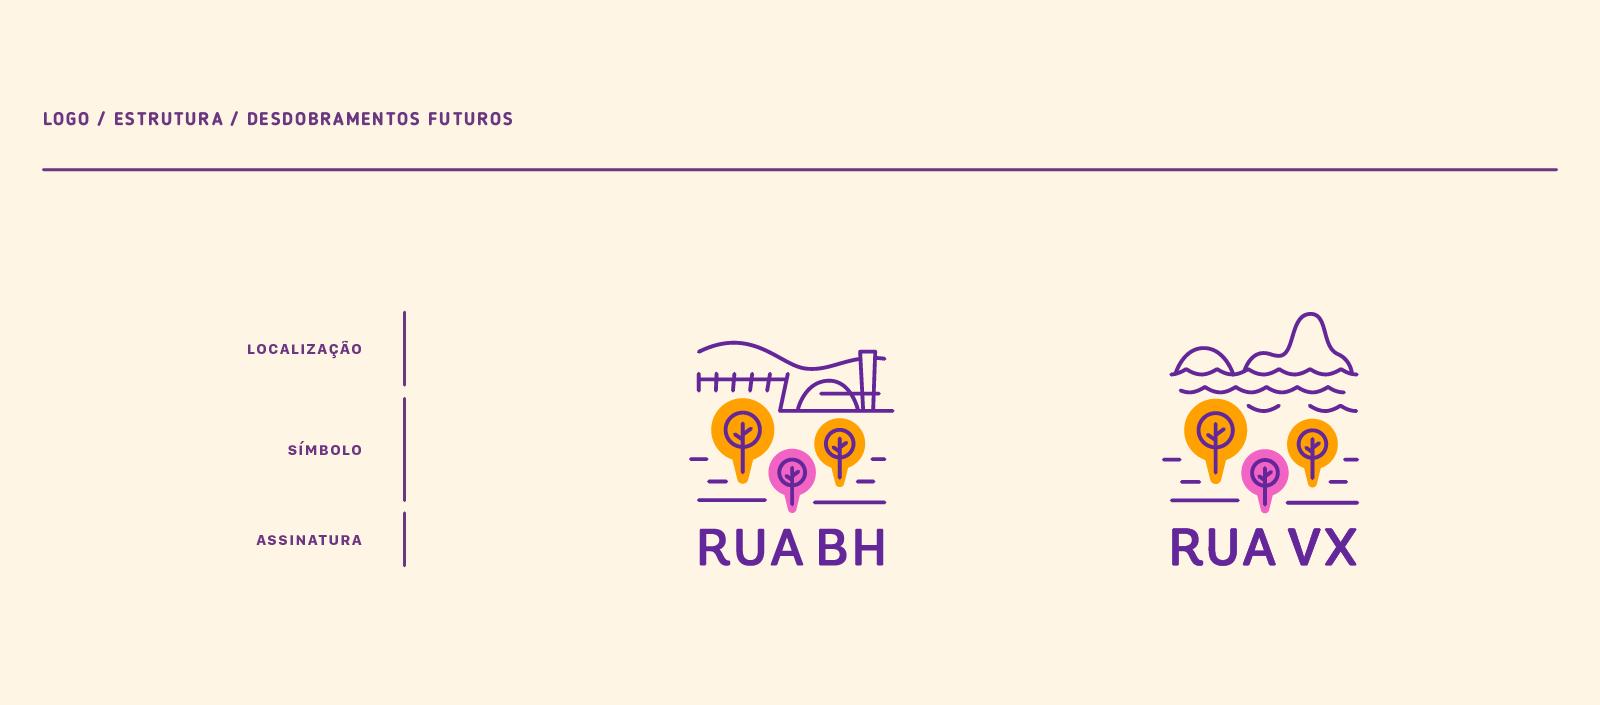 02_Rua_Behance_Logo Cidades